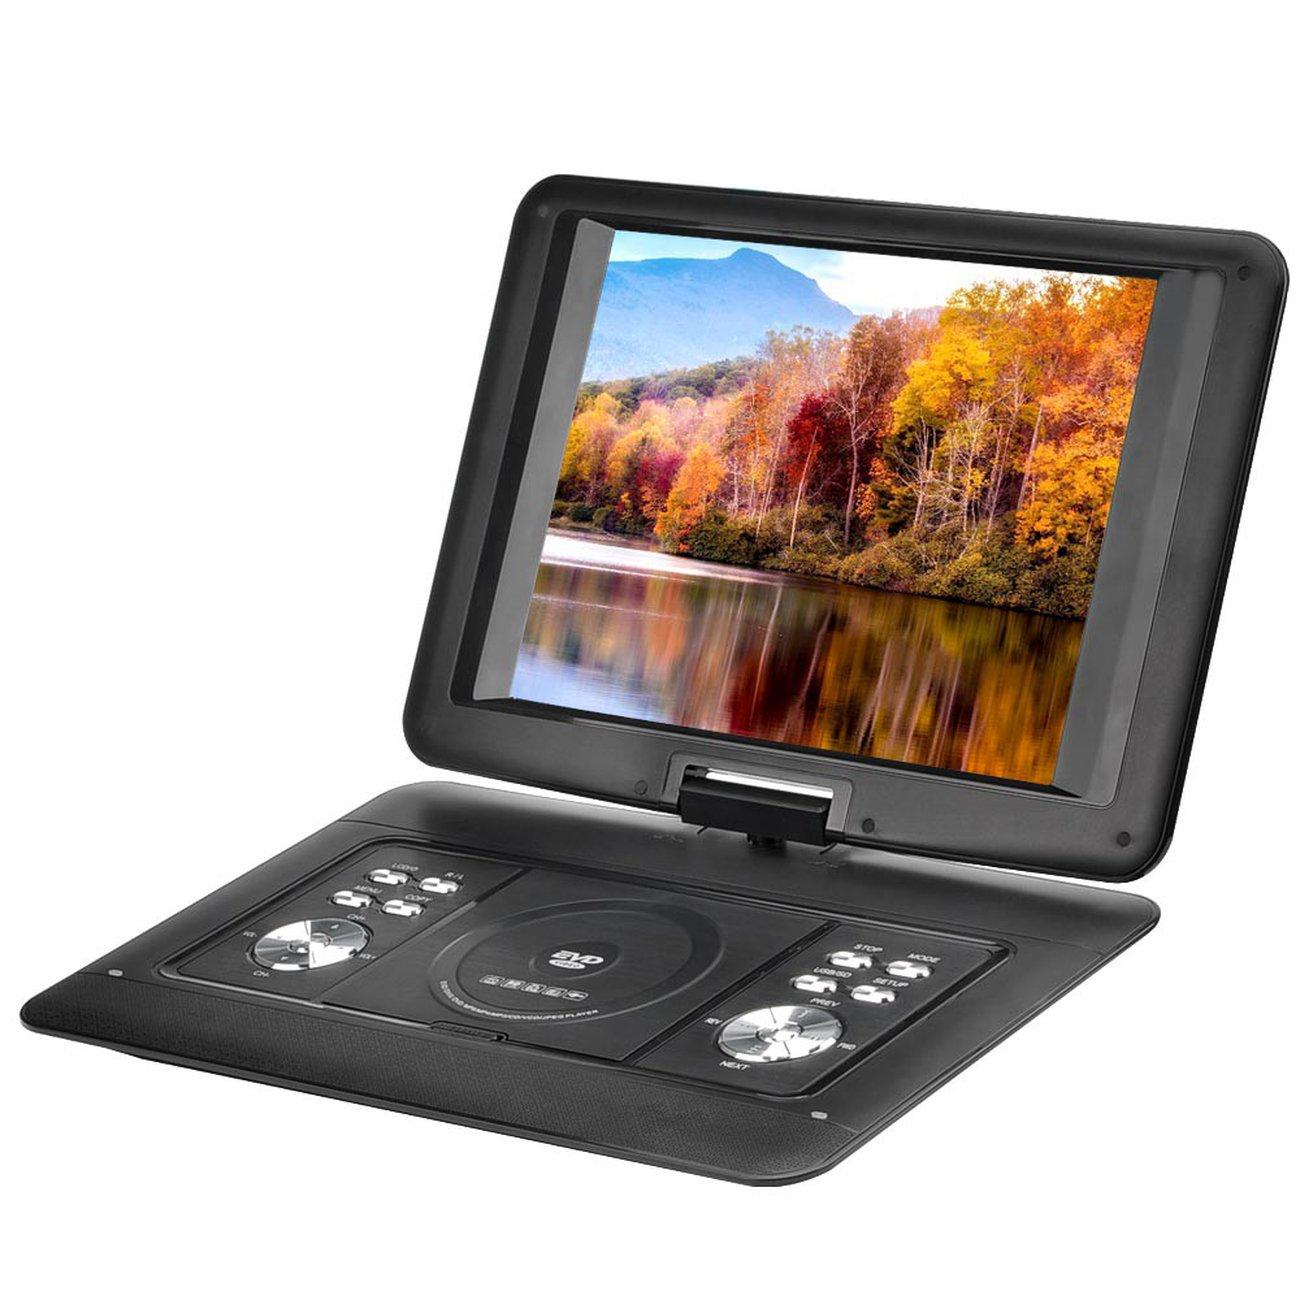 Lecteur Dvd Portable 14 Pouces Fonction Copie, Écran Rotatif encequiconcerne 90 Degrés Jeux